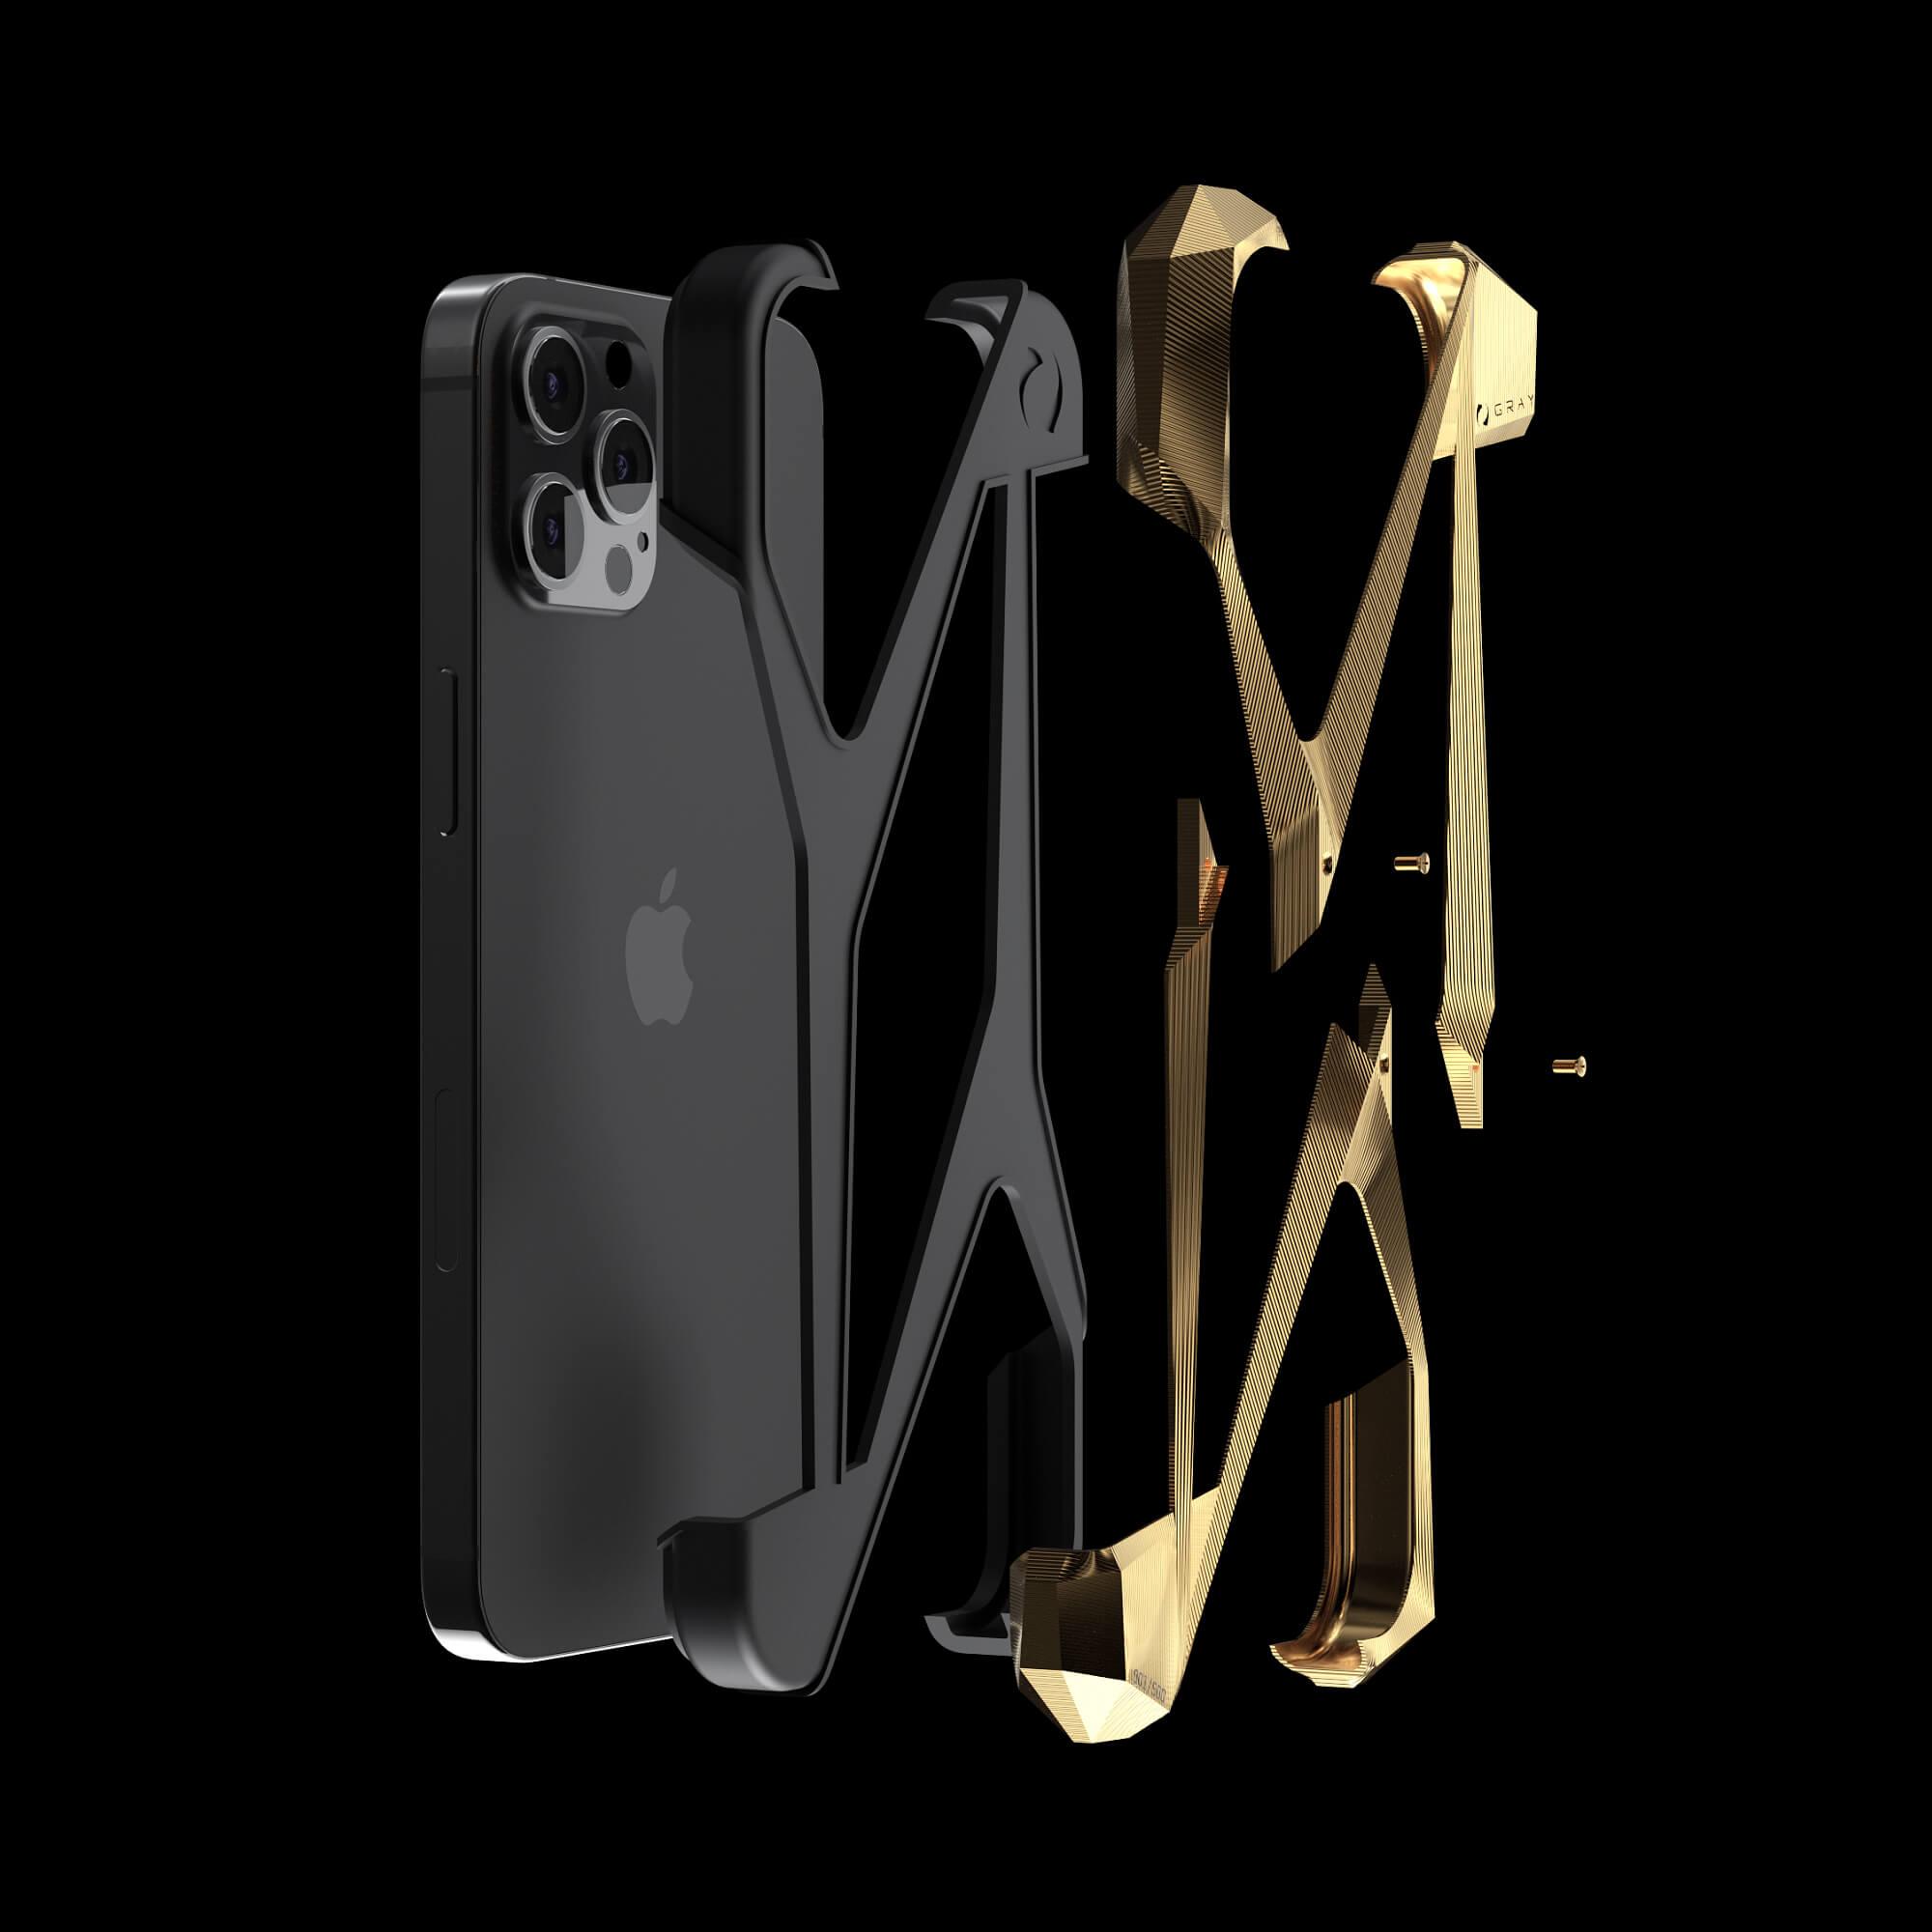 alter ego gold pvd titanium metal designer iPhone 12 pro case